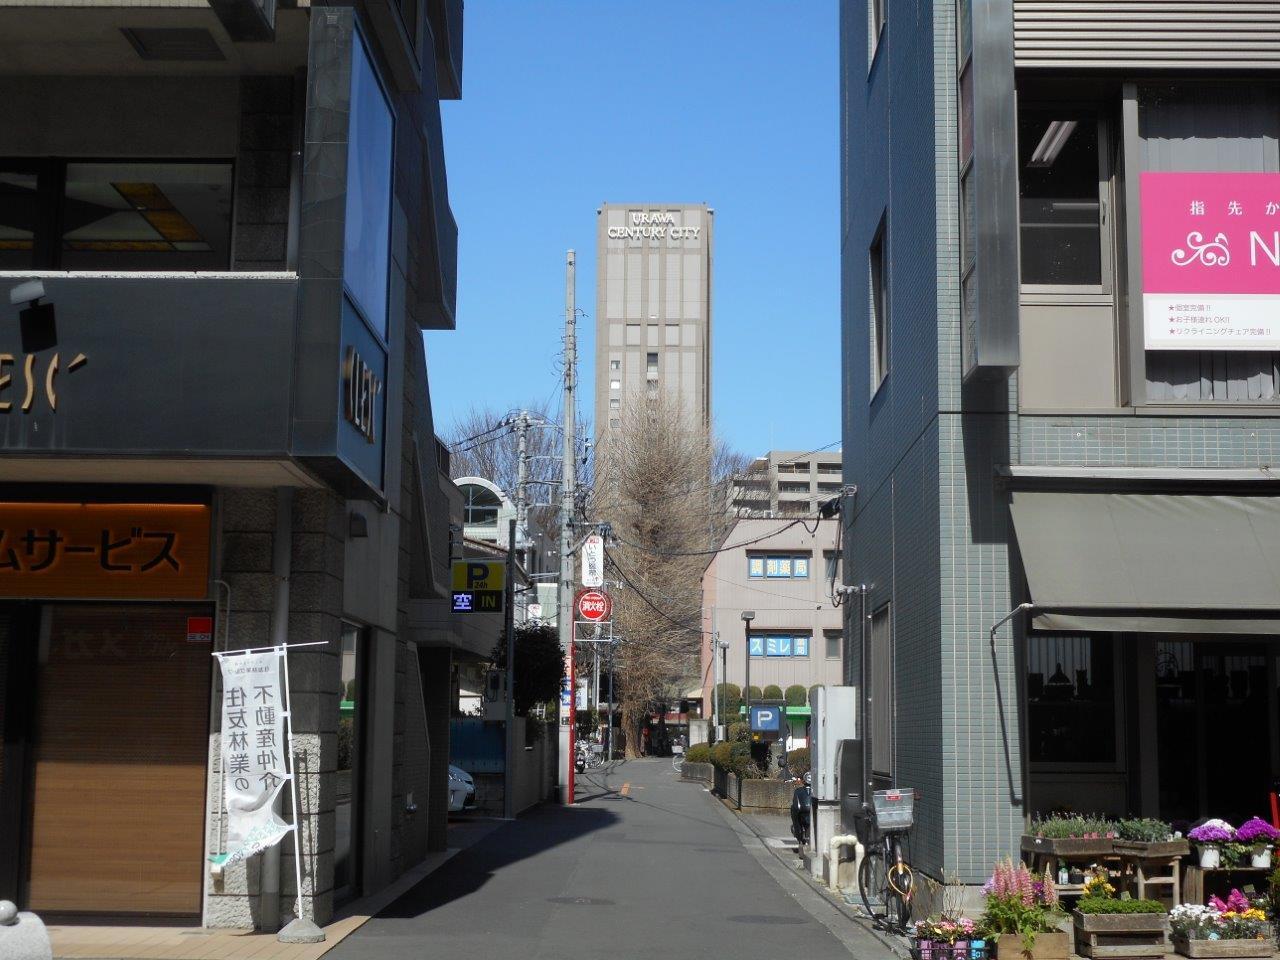 遠くに浦和センチュリーシティが見えます。